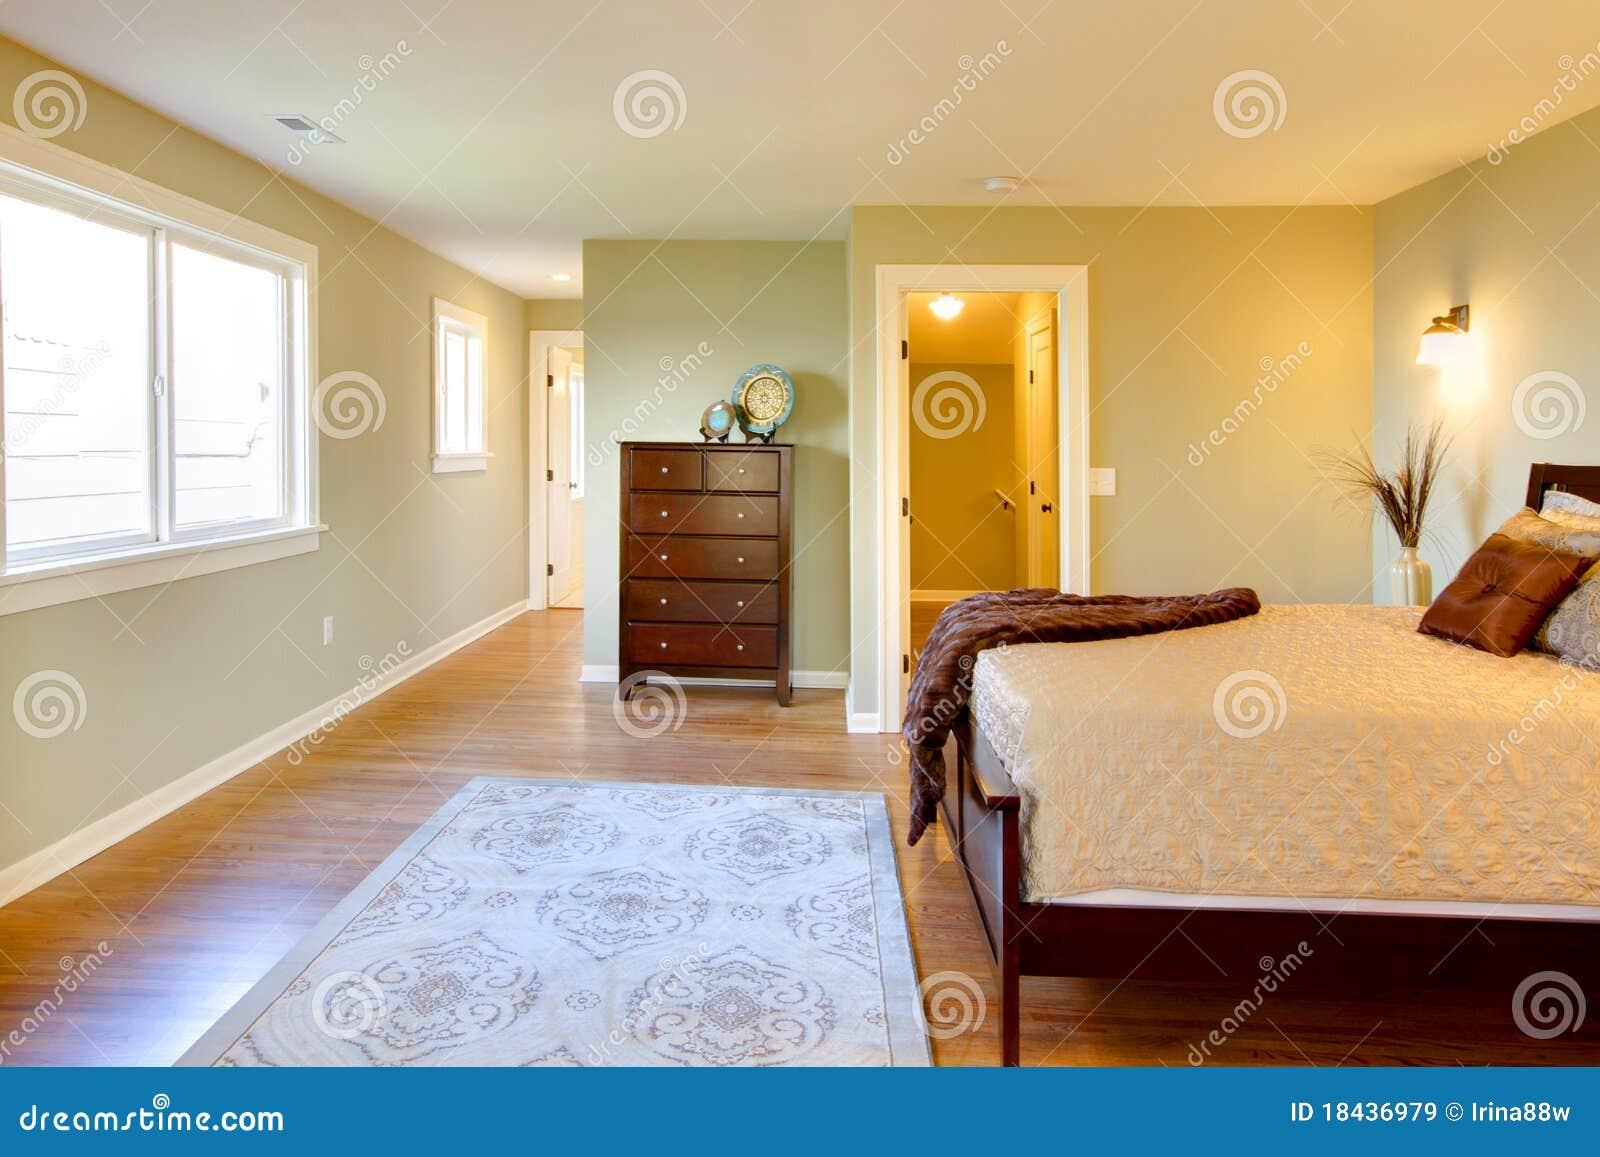 Camera Da Letto Moderna Marrone : Camera da letto verde fresca con la base marrone moderna immagine